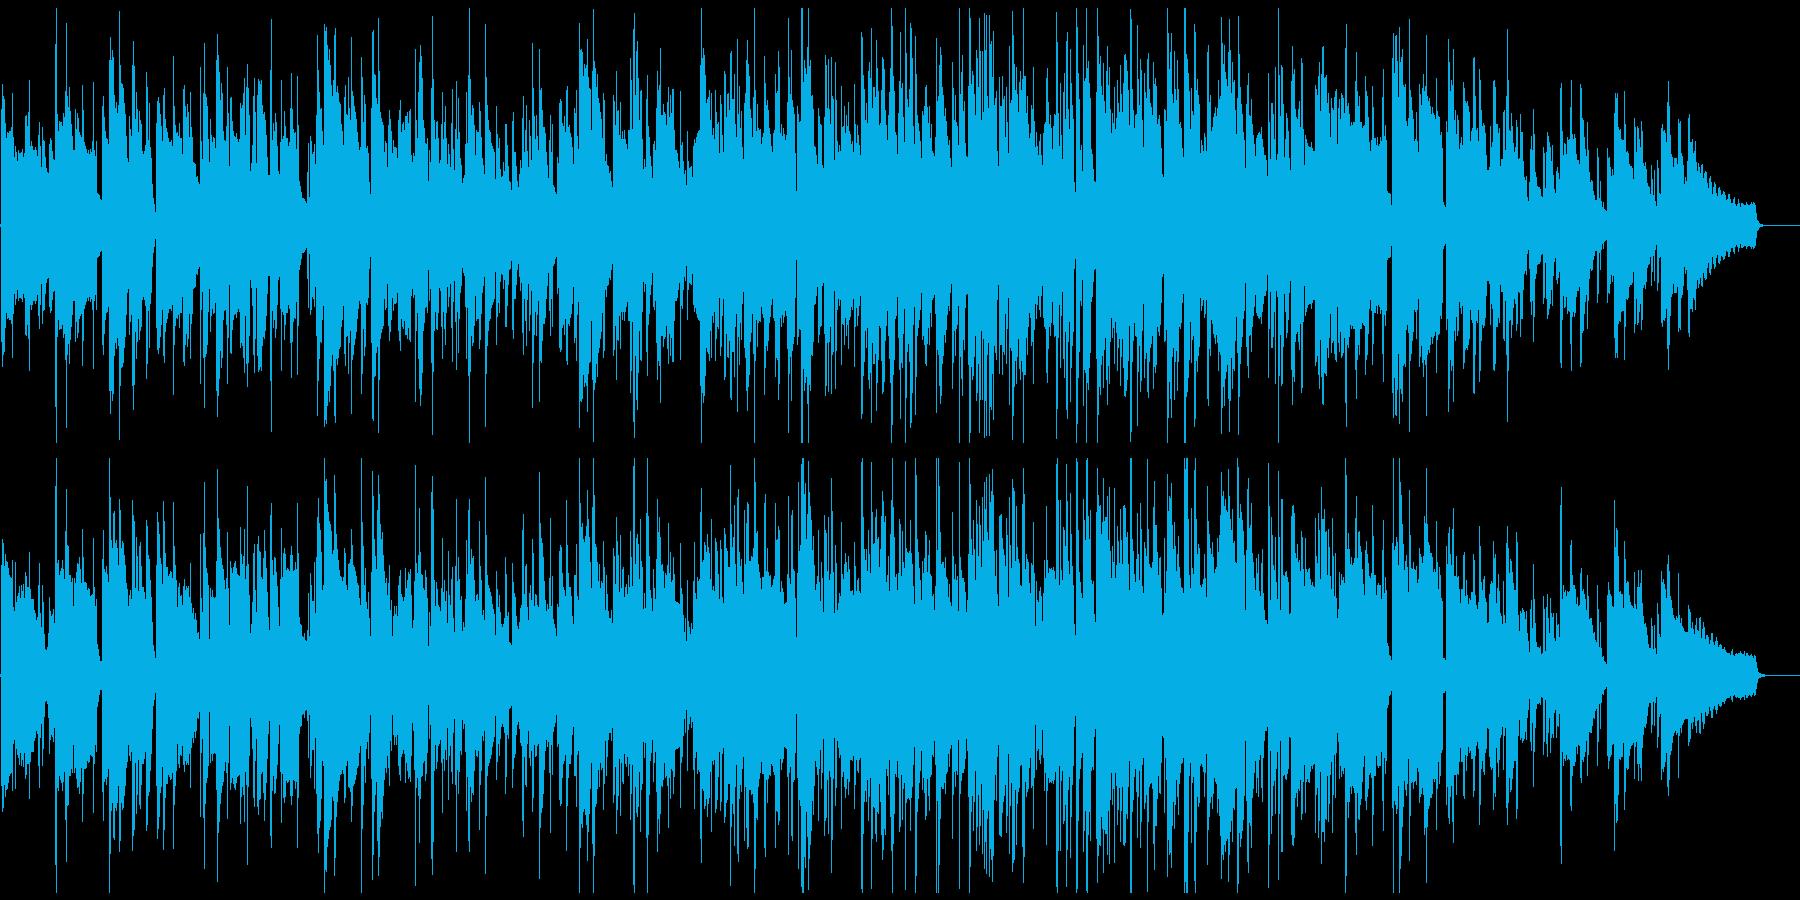 北欧系の綺麗なジャズ、ゆったり、スマートの再生済みの波形